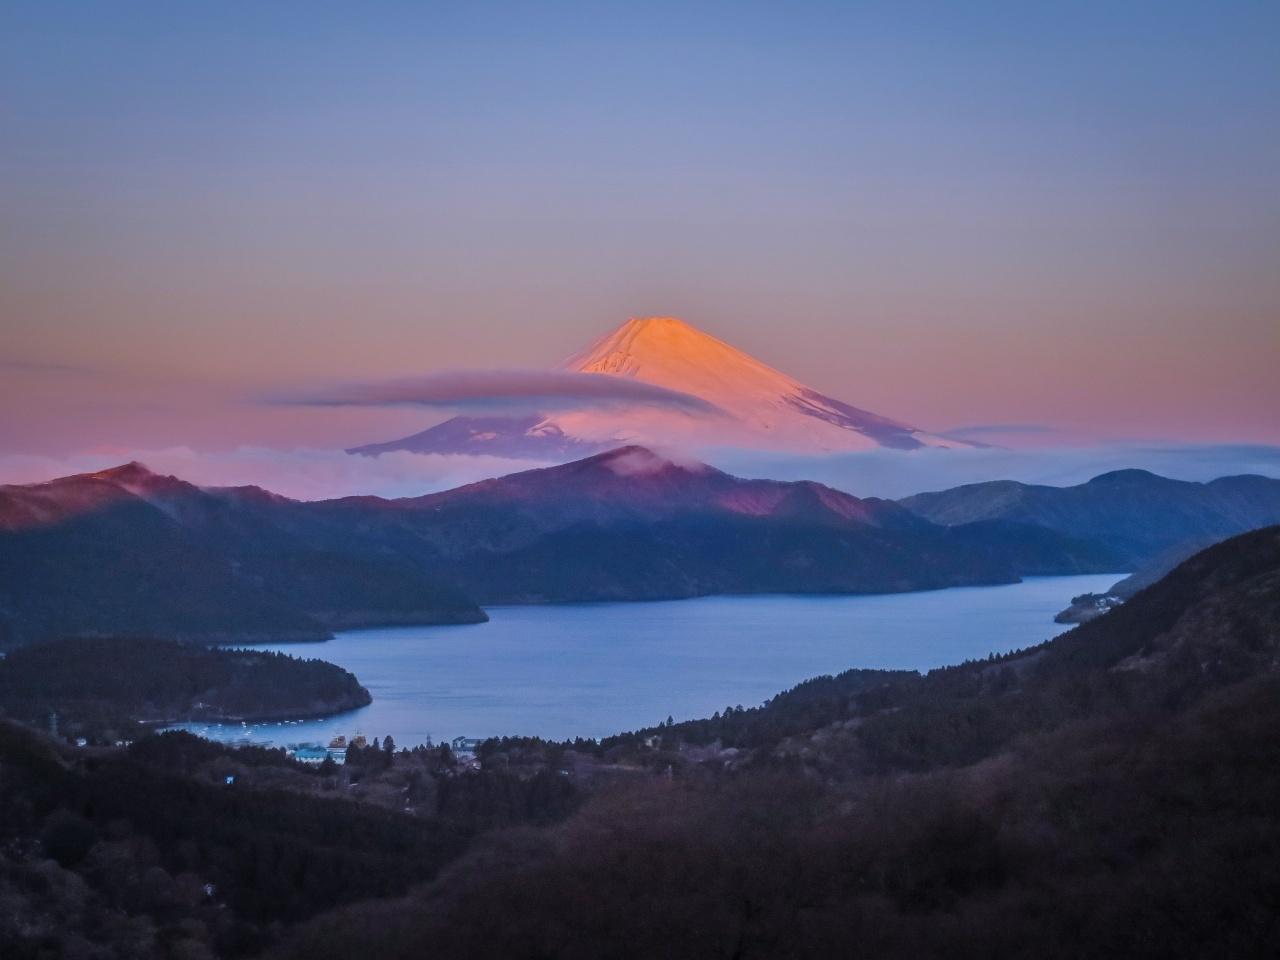 2020.1.30早朝の富士山と芦ノ湖(大観山)_e0321032_09544036.jpg